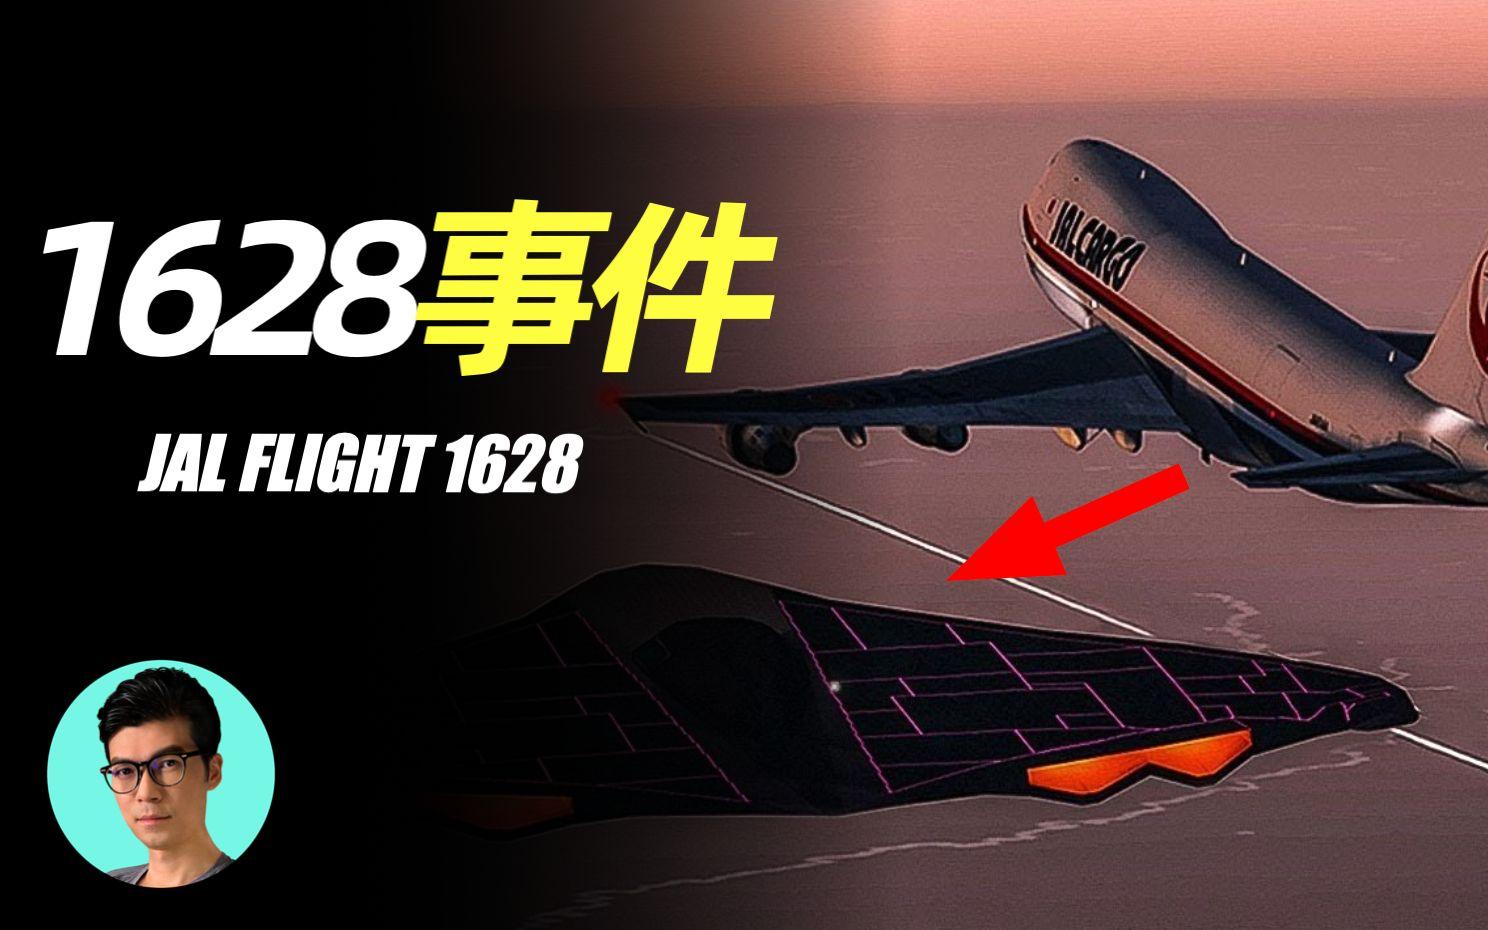 747在空中遭遇不明物体, 降落后机长被停飞, 他究竟看到了什么 | 晓涵哥